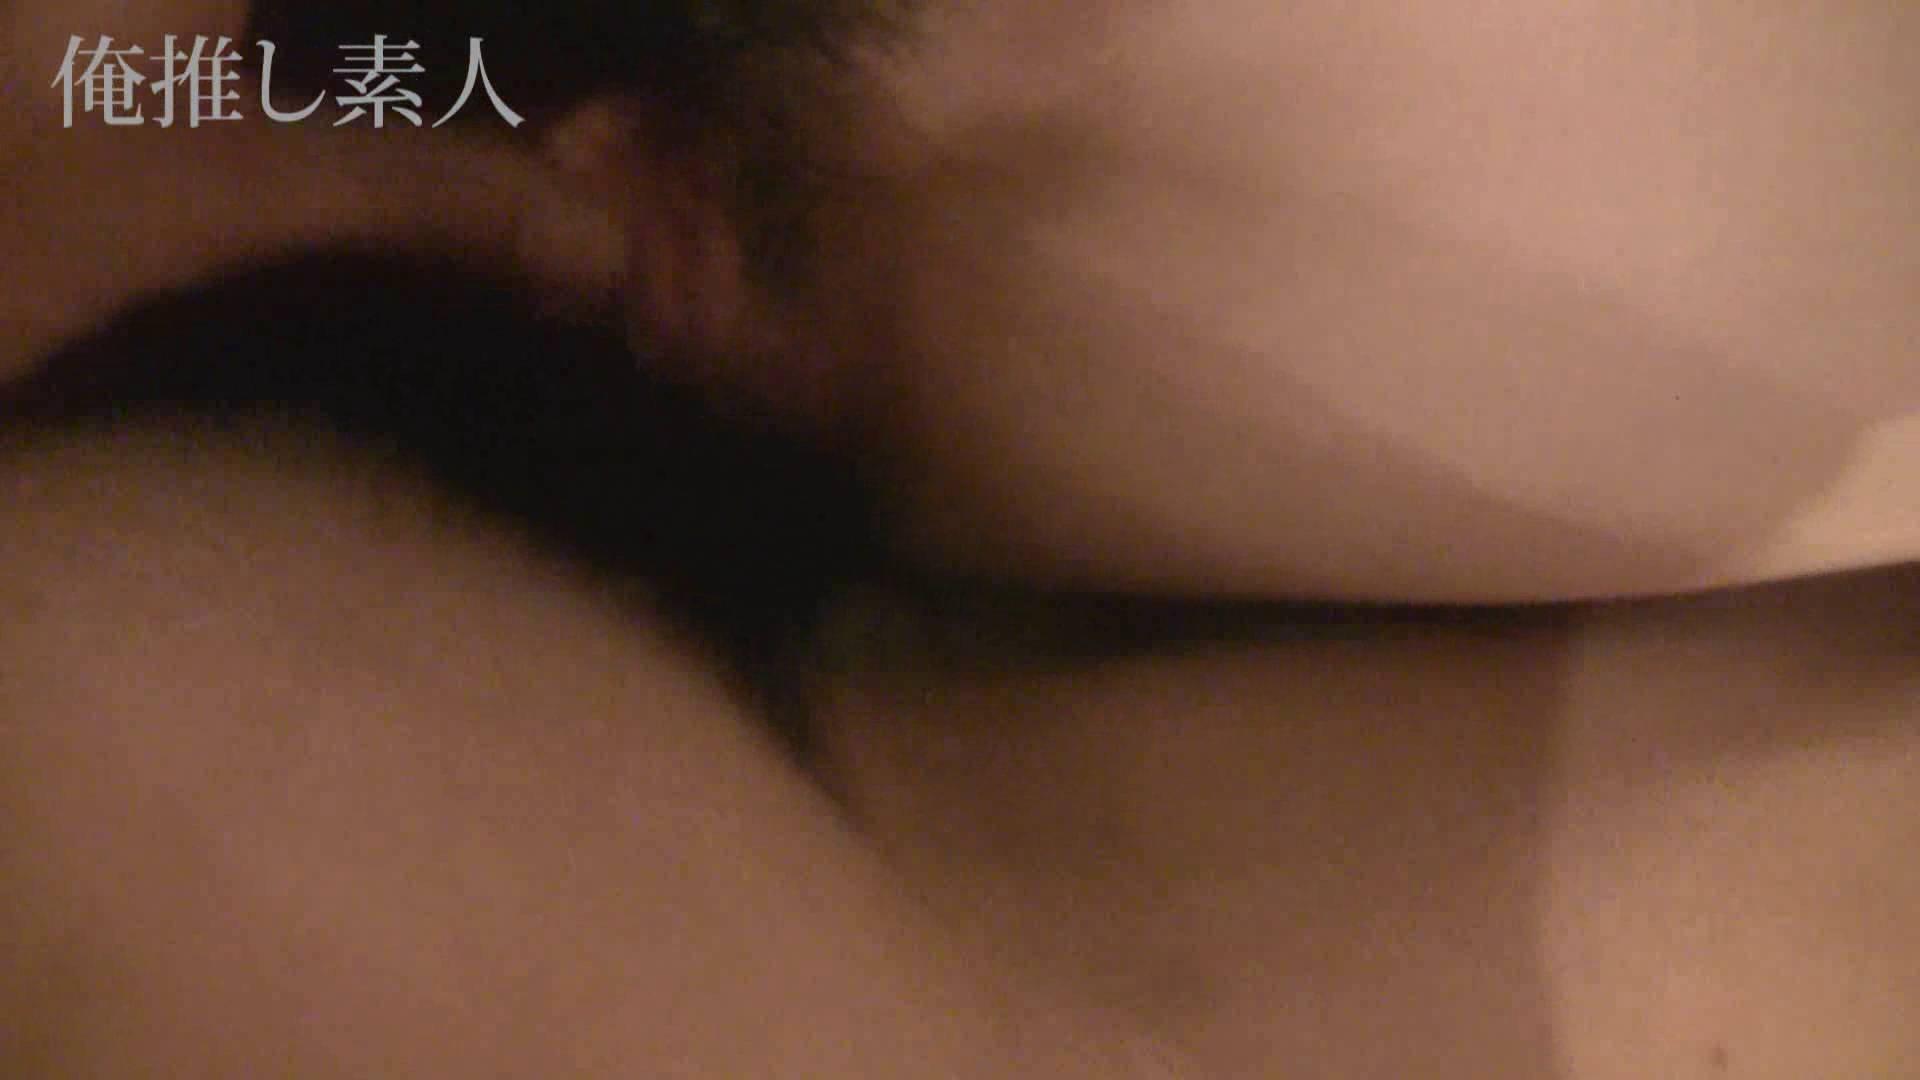 俺推し素人 キャバクラ嬢26歳久美vol2 素人丸裸 オマンコ動画キャプチャ 92pic 83